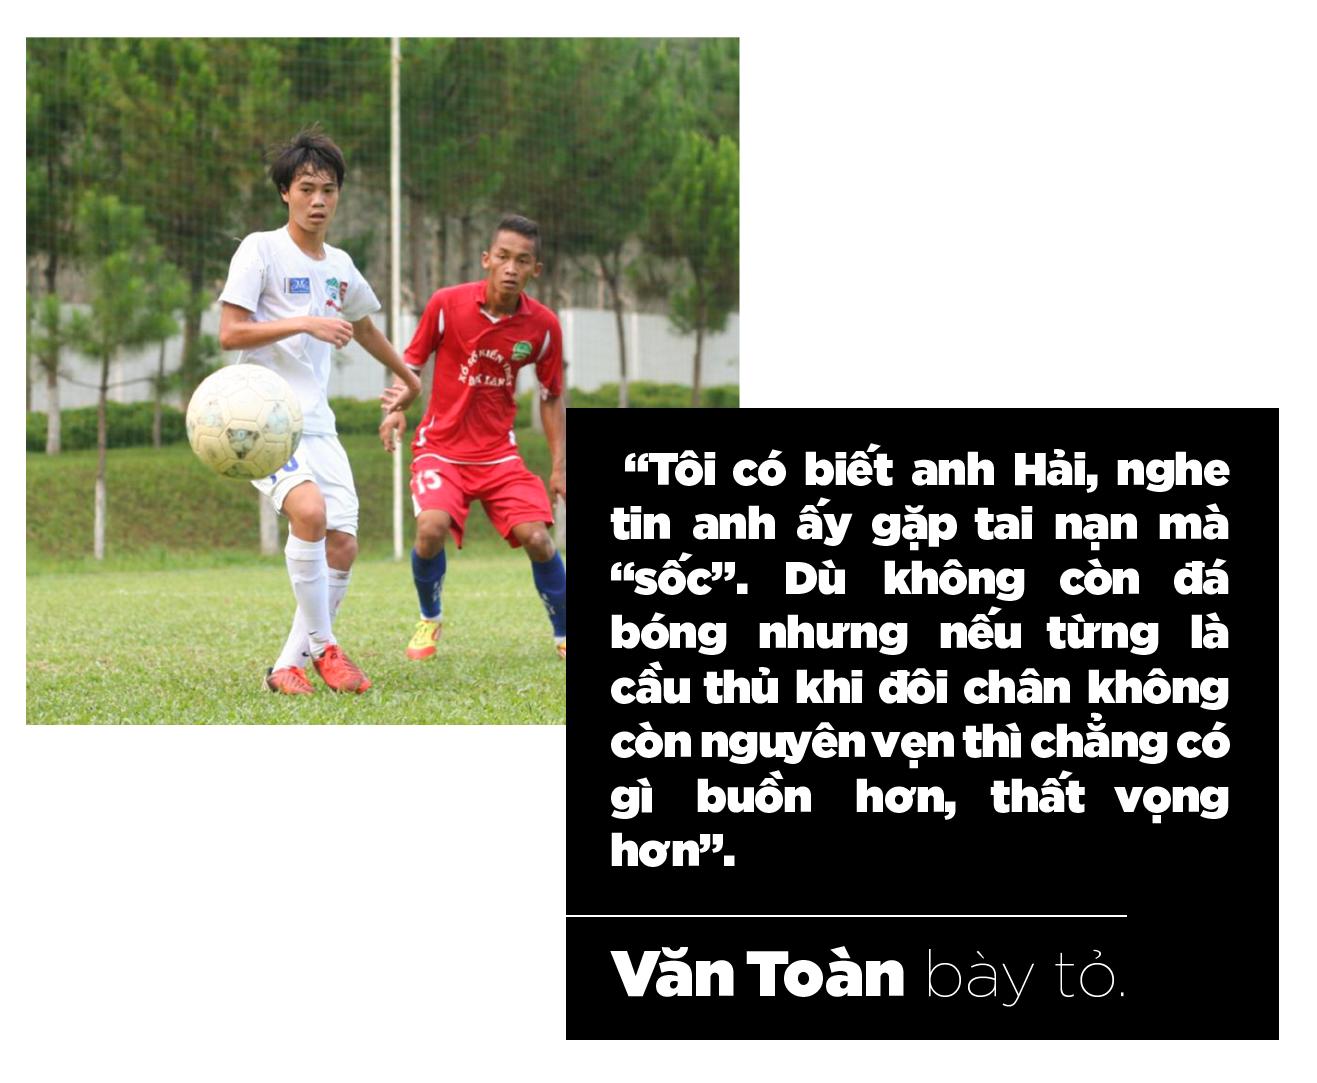 Cựu đội trưởng Đắk Lắk phải cưa chân vì tai nạn: Nước mắt và nỗi đau thấu trời - Ảnh 5.